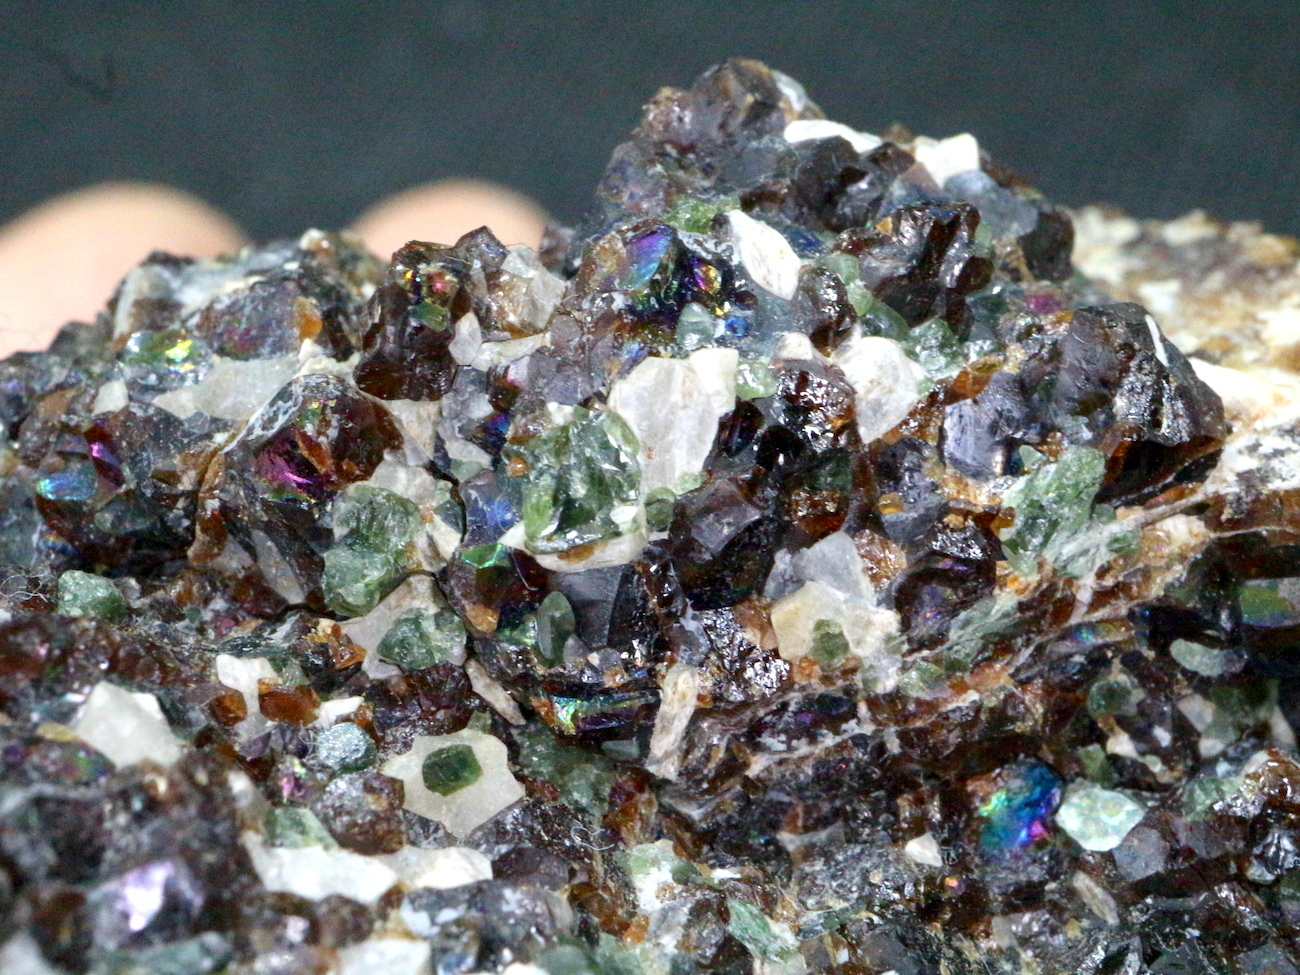 アンドラダイトダイオプサイド ウラストナイト 192g  VND007  鉱物 天然石 パワーストーン 原石